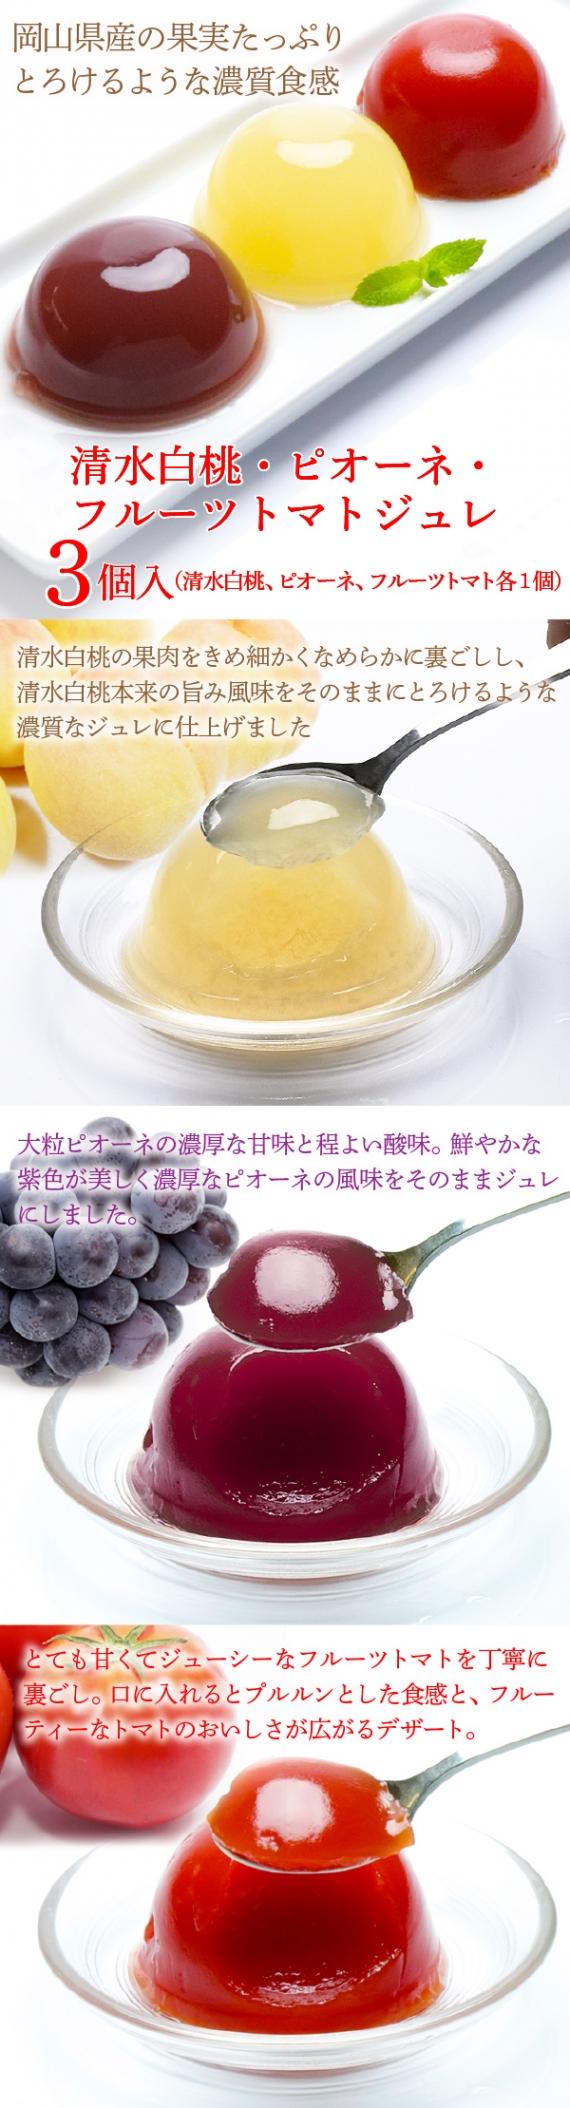 【送料無料】まずはお試し!岡山県産果実100%とろけるような濃質食感 清水白桃・ピオーネ・フルーツトマトジュレ3個入【お歳暮2020】【お試し】